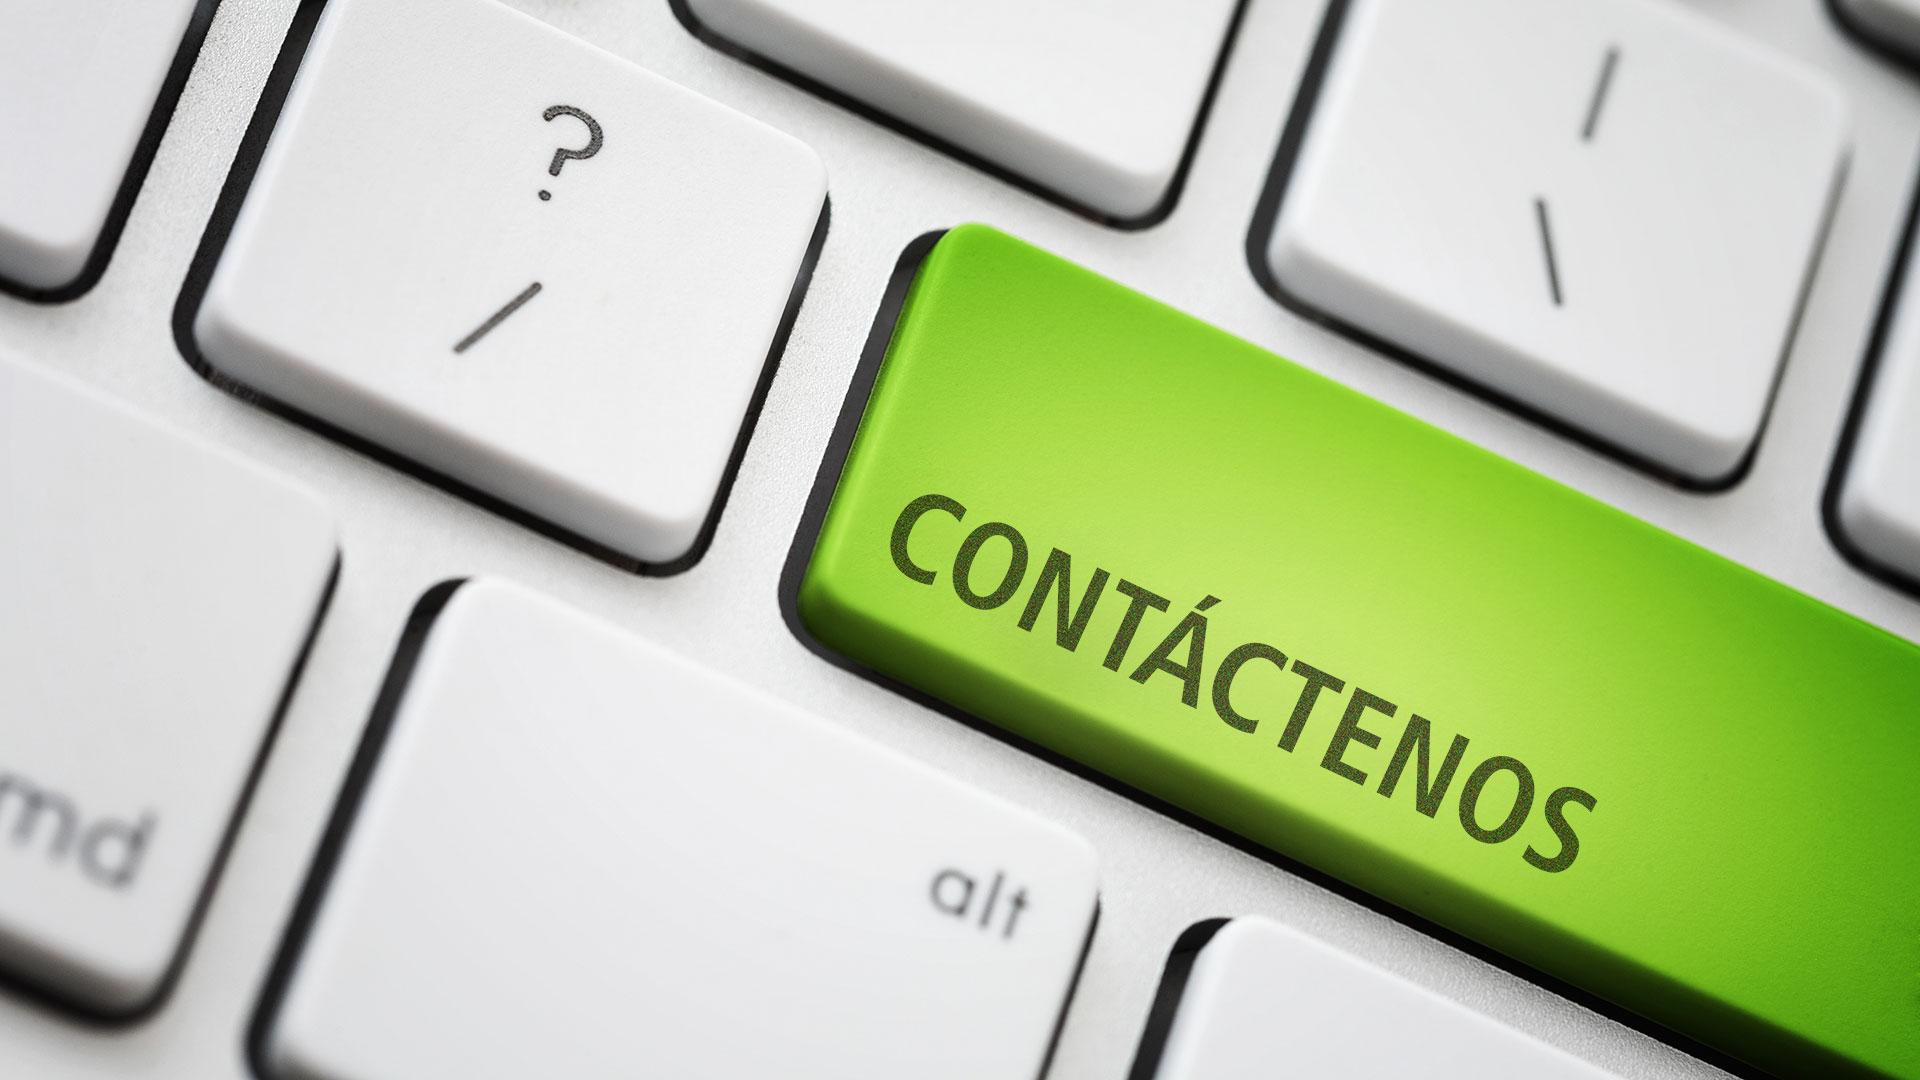 Si desea más información, póngase en contacto con nosotros